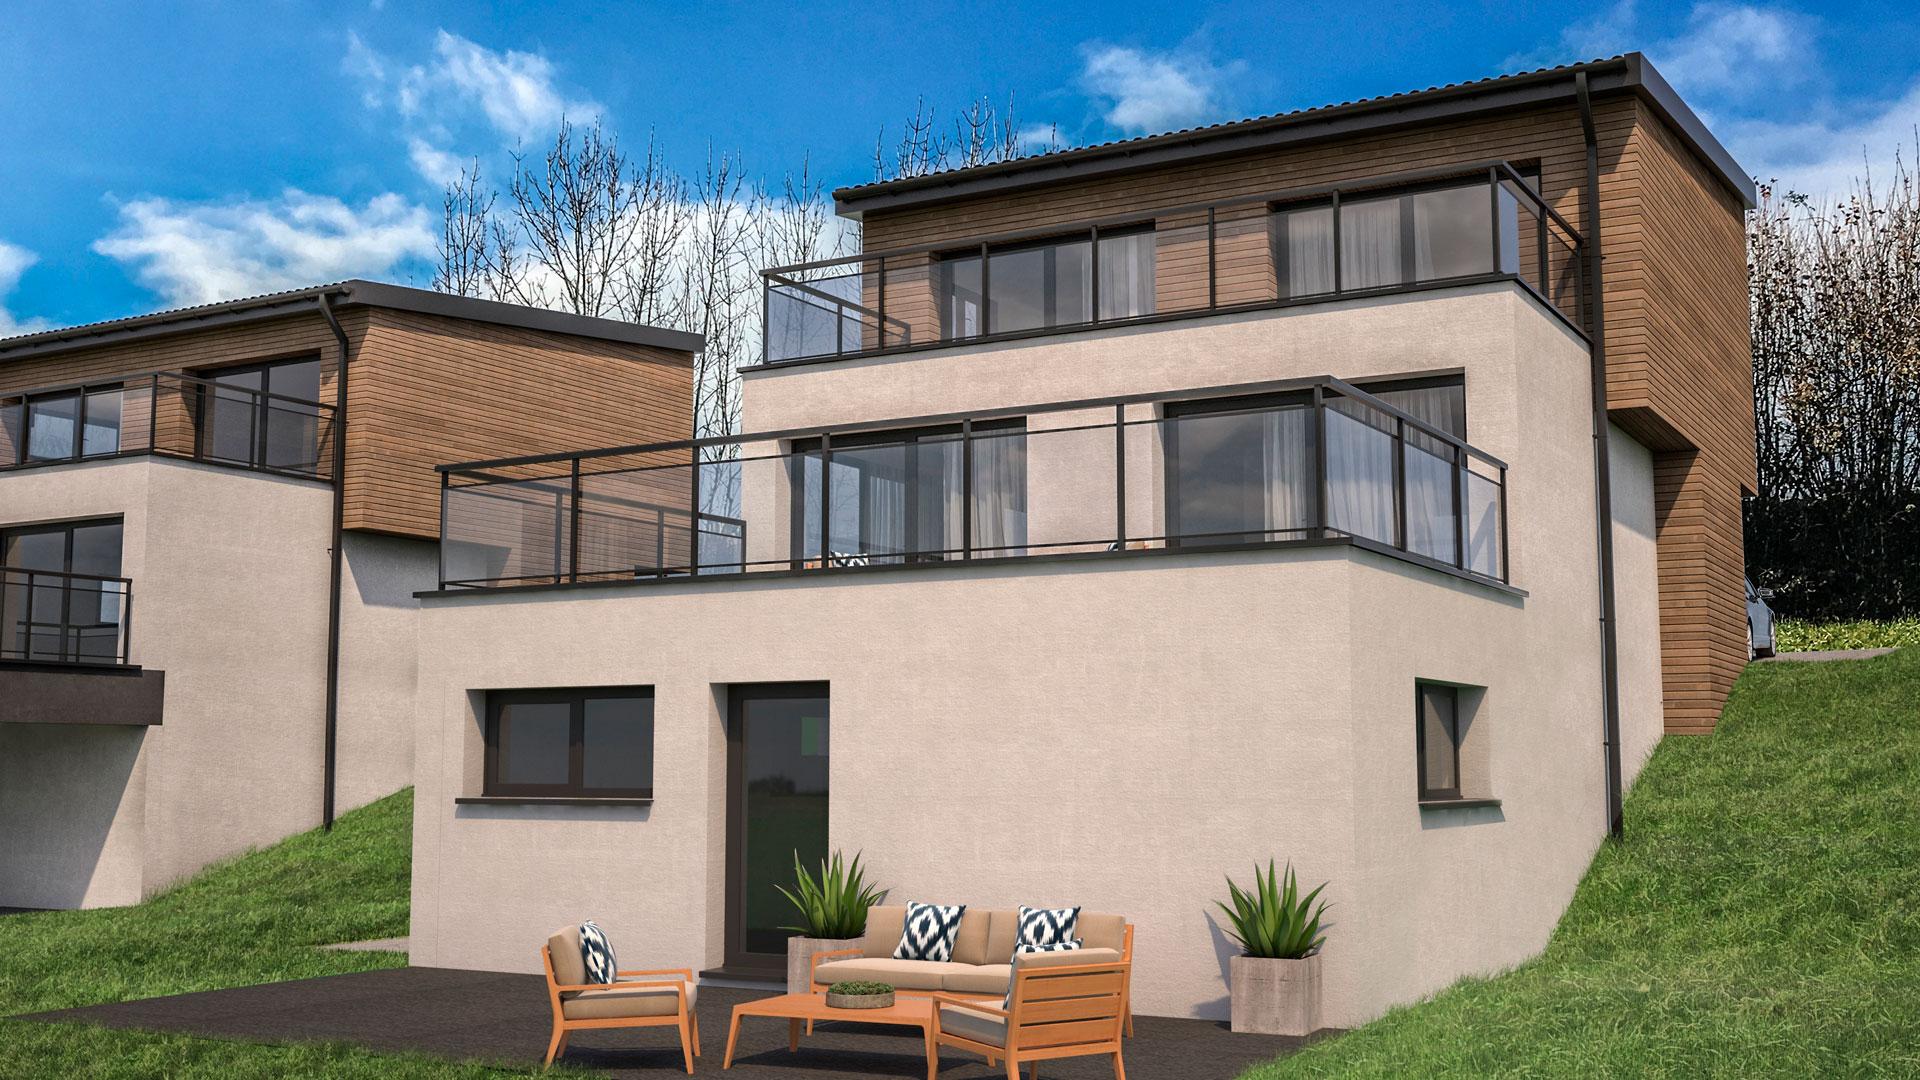 C3 Concept, visualisation 3D architecture à Bulle. Le Mouret extérieurs